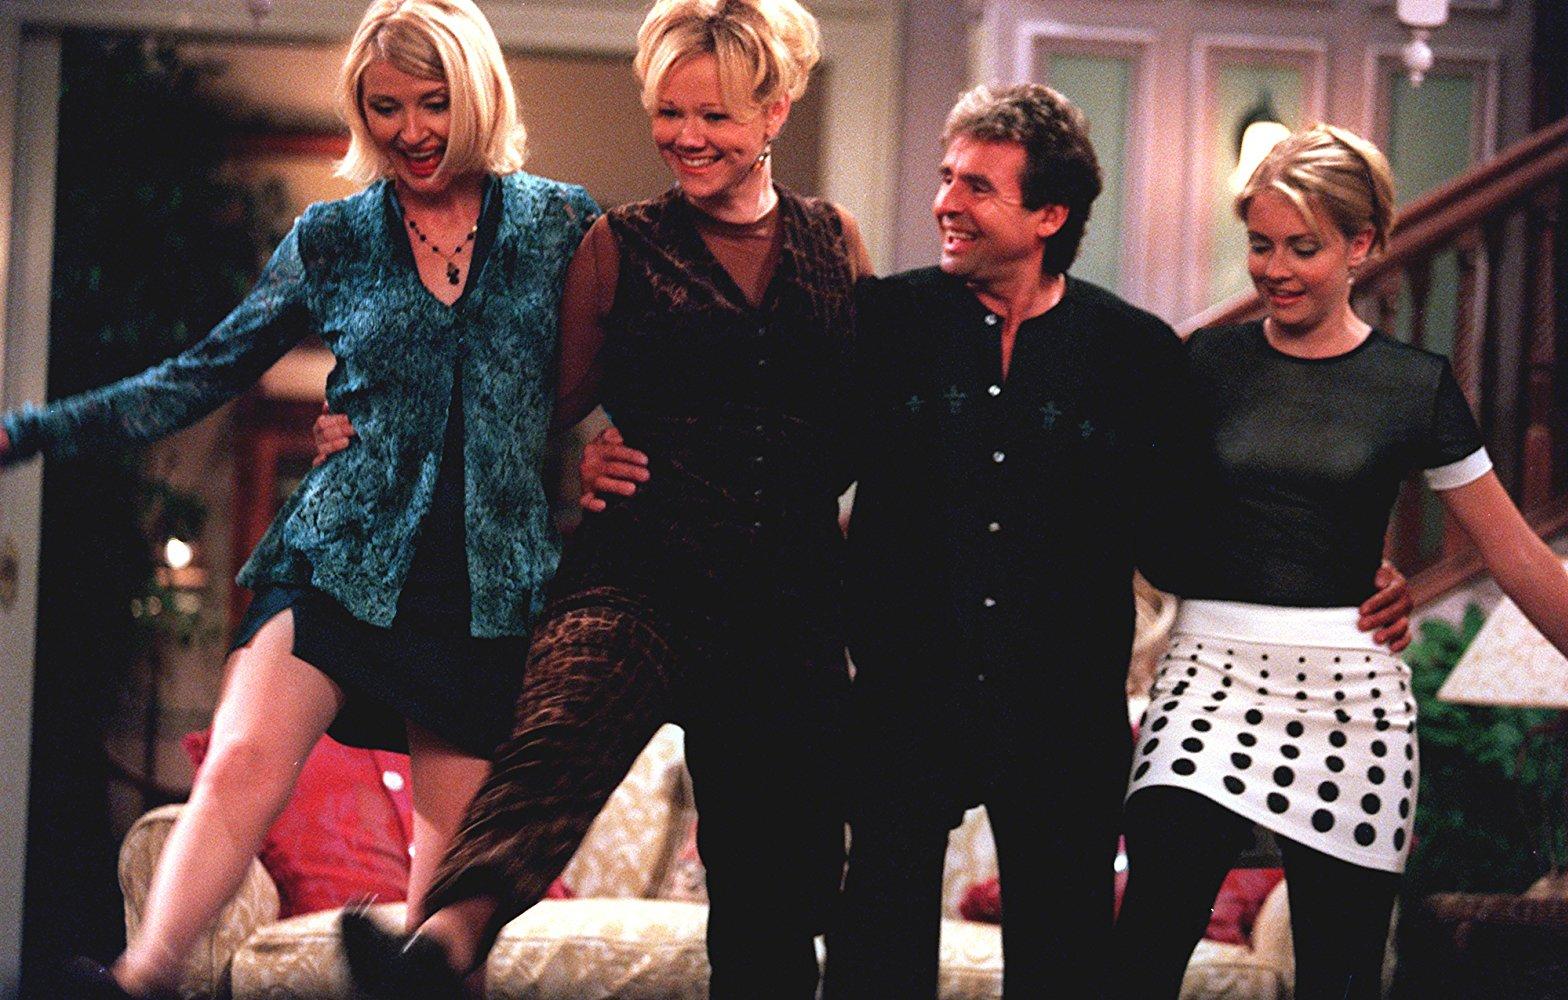 В четвертом сезоне «Сабрины» появятся Зельда и Хильда из ситкома 90-х